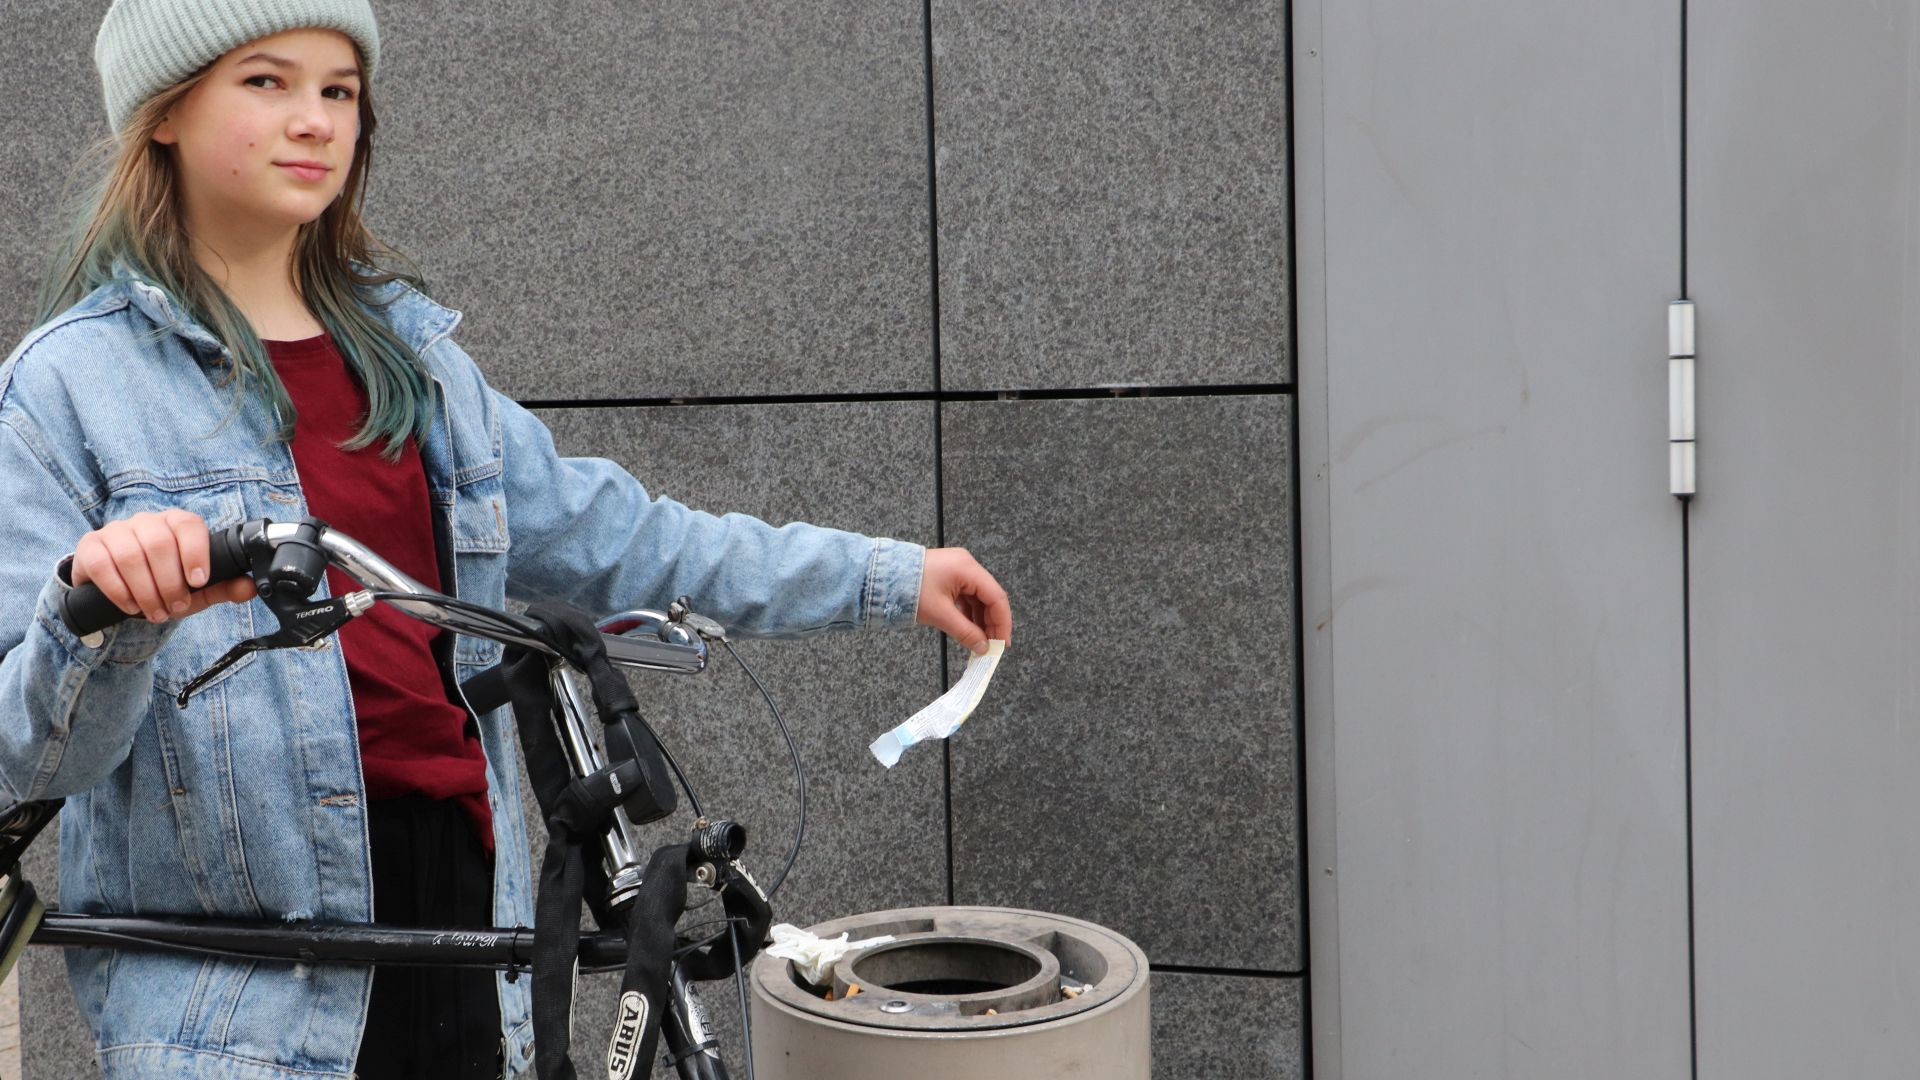 Mädchen lehnt an Fahrrad und wirft Müll in Mülleimer